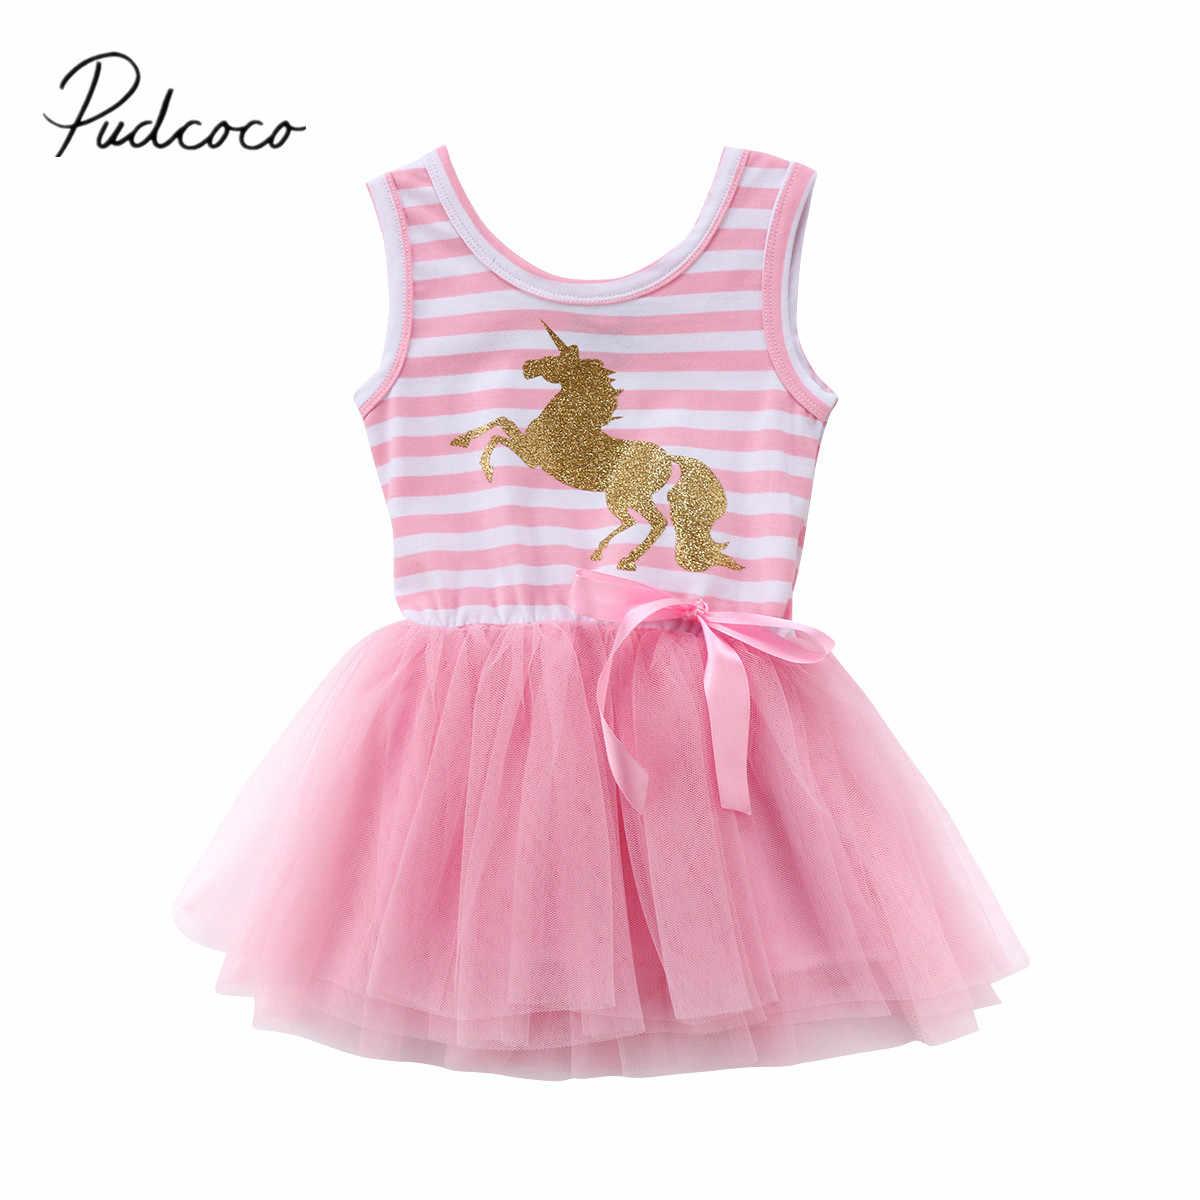 70993c33523 2018 Фирменная Новинка для новорожденных без рукавов для маленькой принцессы  Обувь для девочек Дети платье Единорог